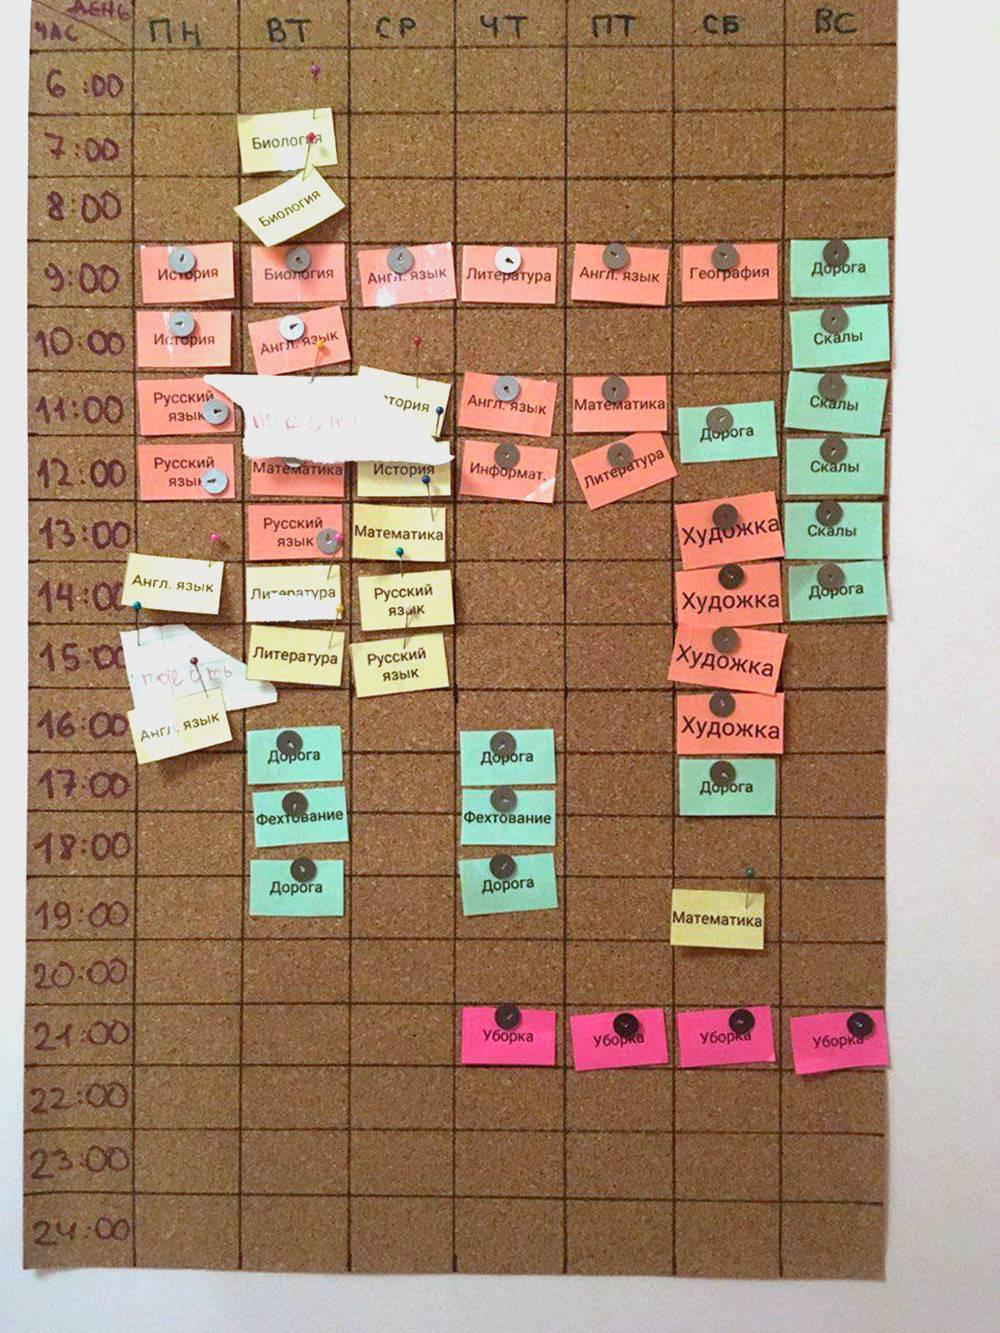 Выглядит очень классно. Красные карточки — обязательные занятия, желтые — домашнее задание, зеленые — спорт. Новреальности оказалось нетакэффективно, какуменя вголове